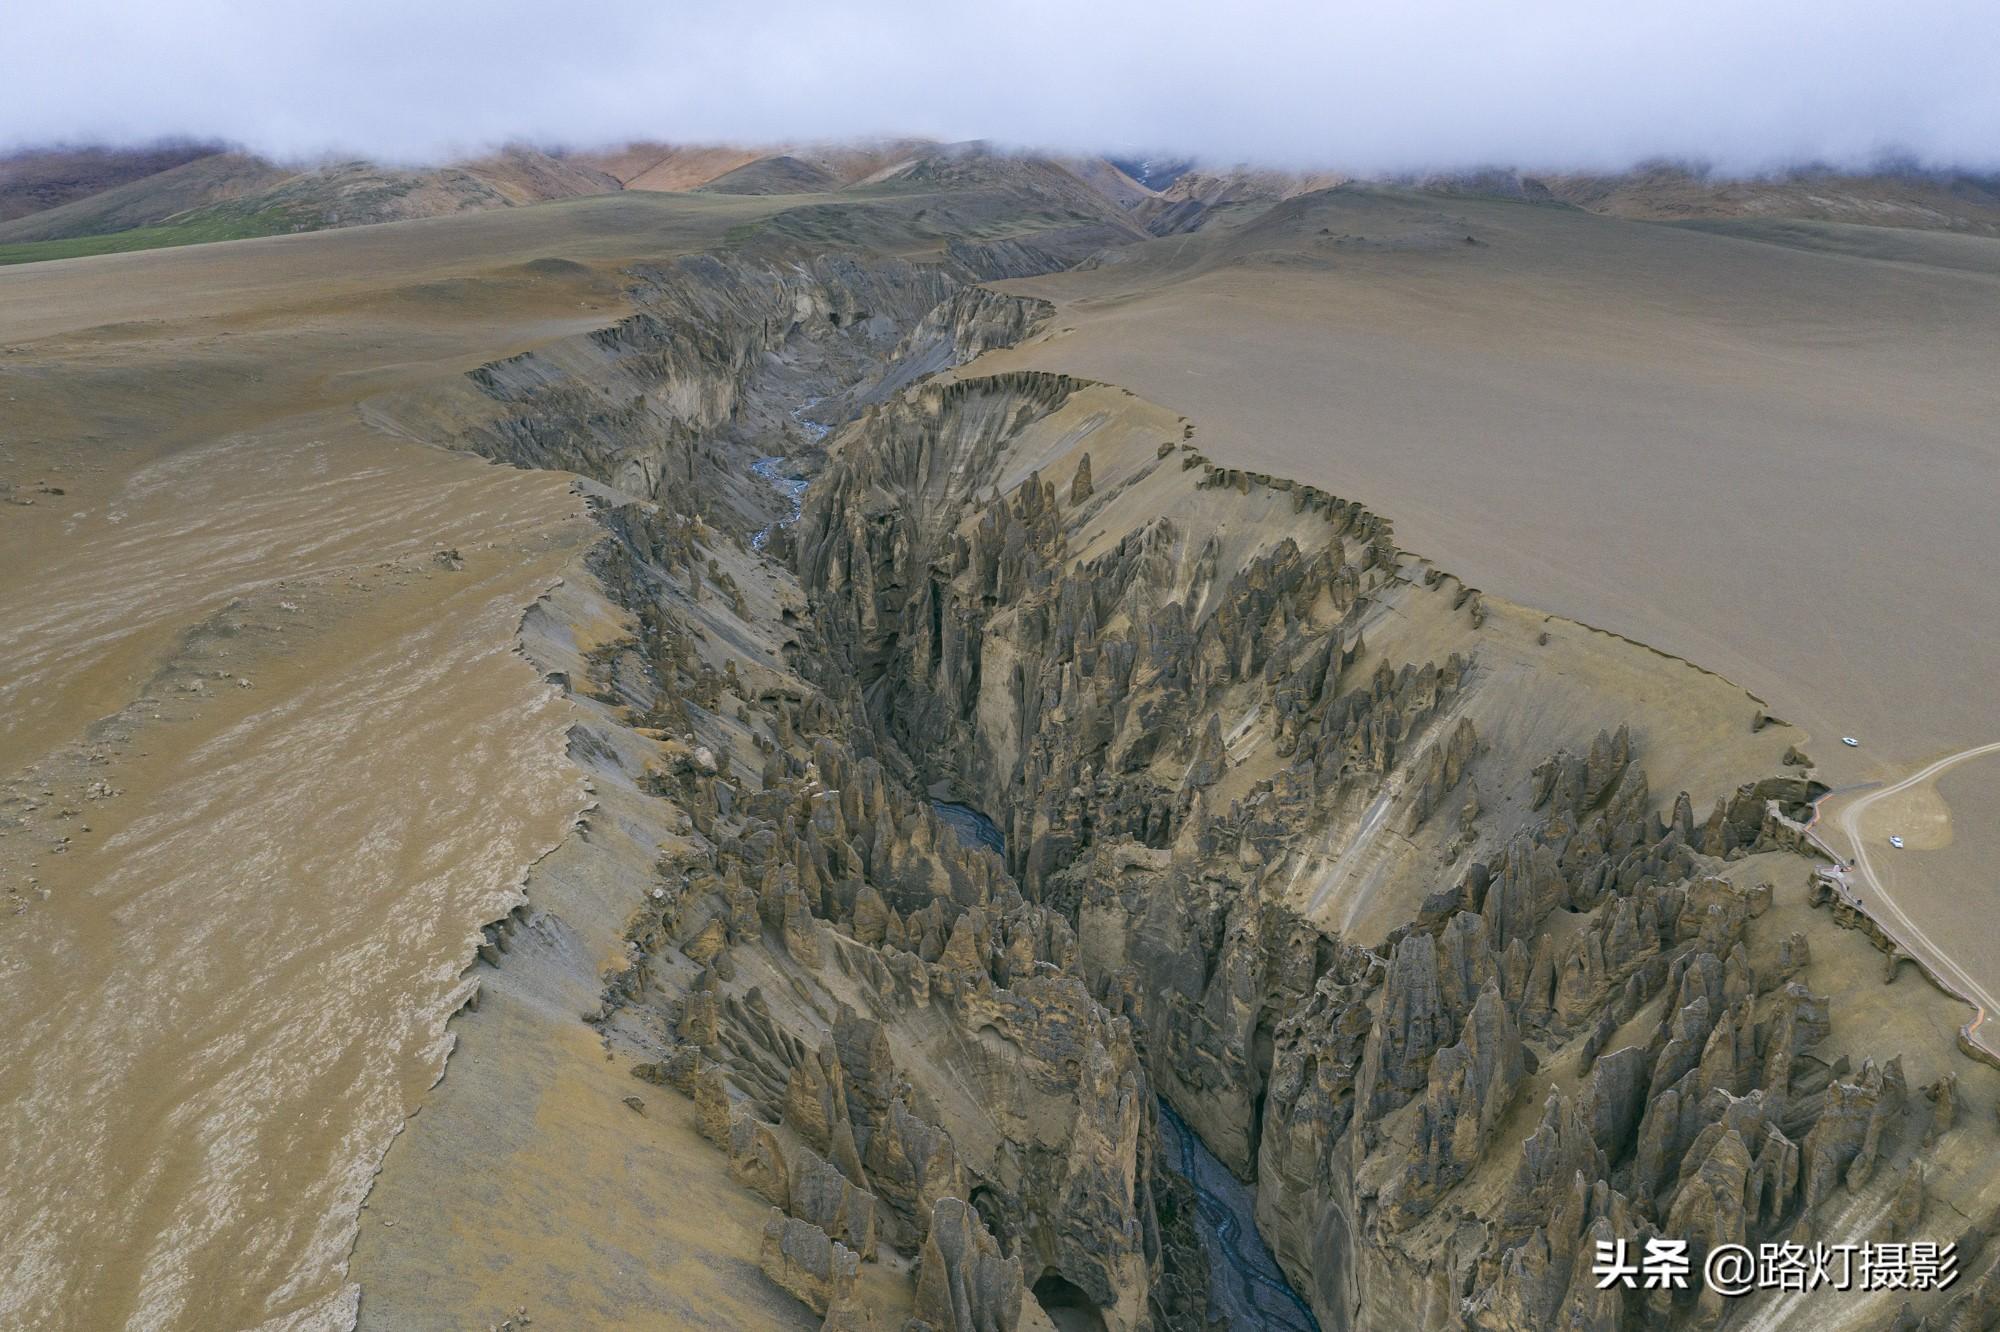 世所罕见!西藏日喀则奇林峡,喜马拉雅山下的惊世地裂,震撼人心